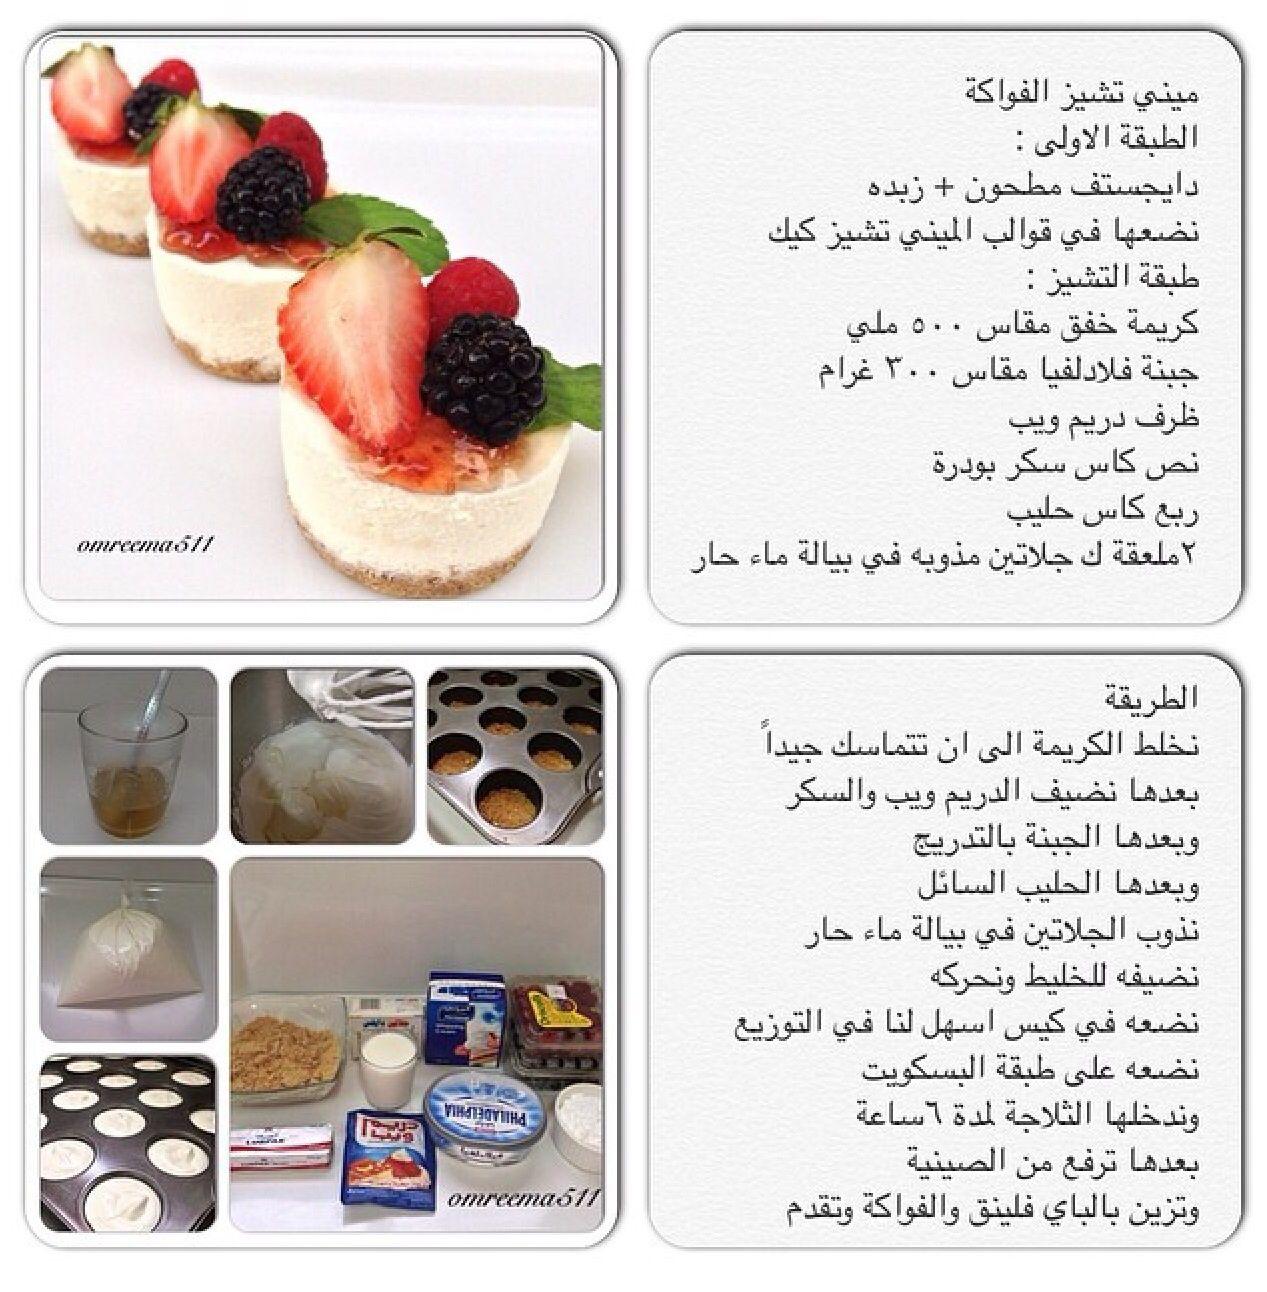 تشيز كيك Yummy Food Dessert Food Recipes